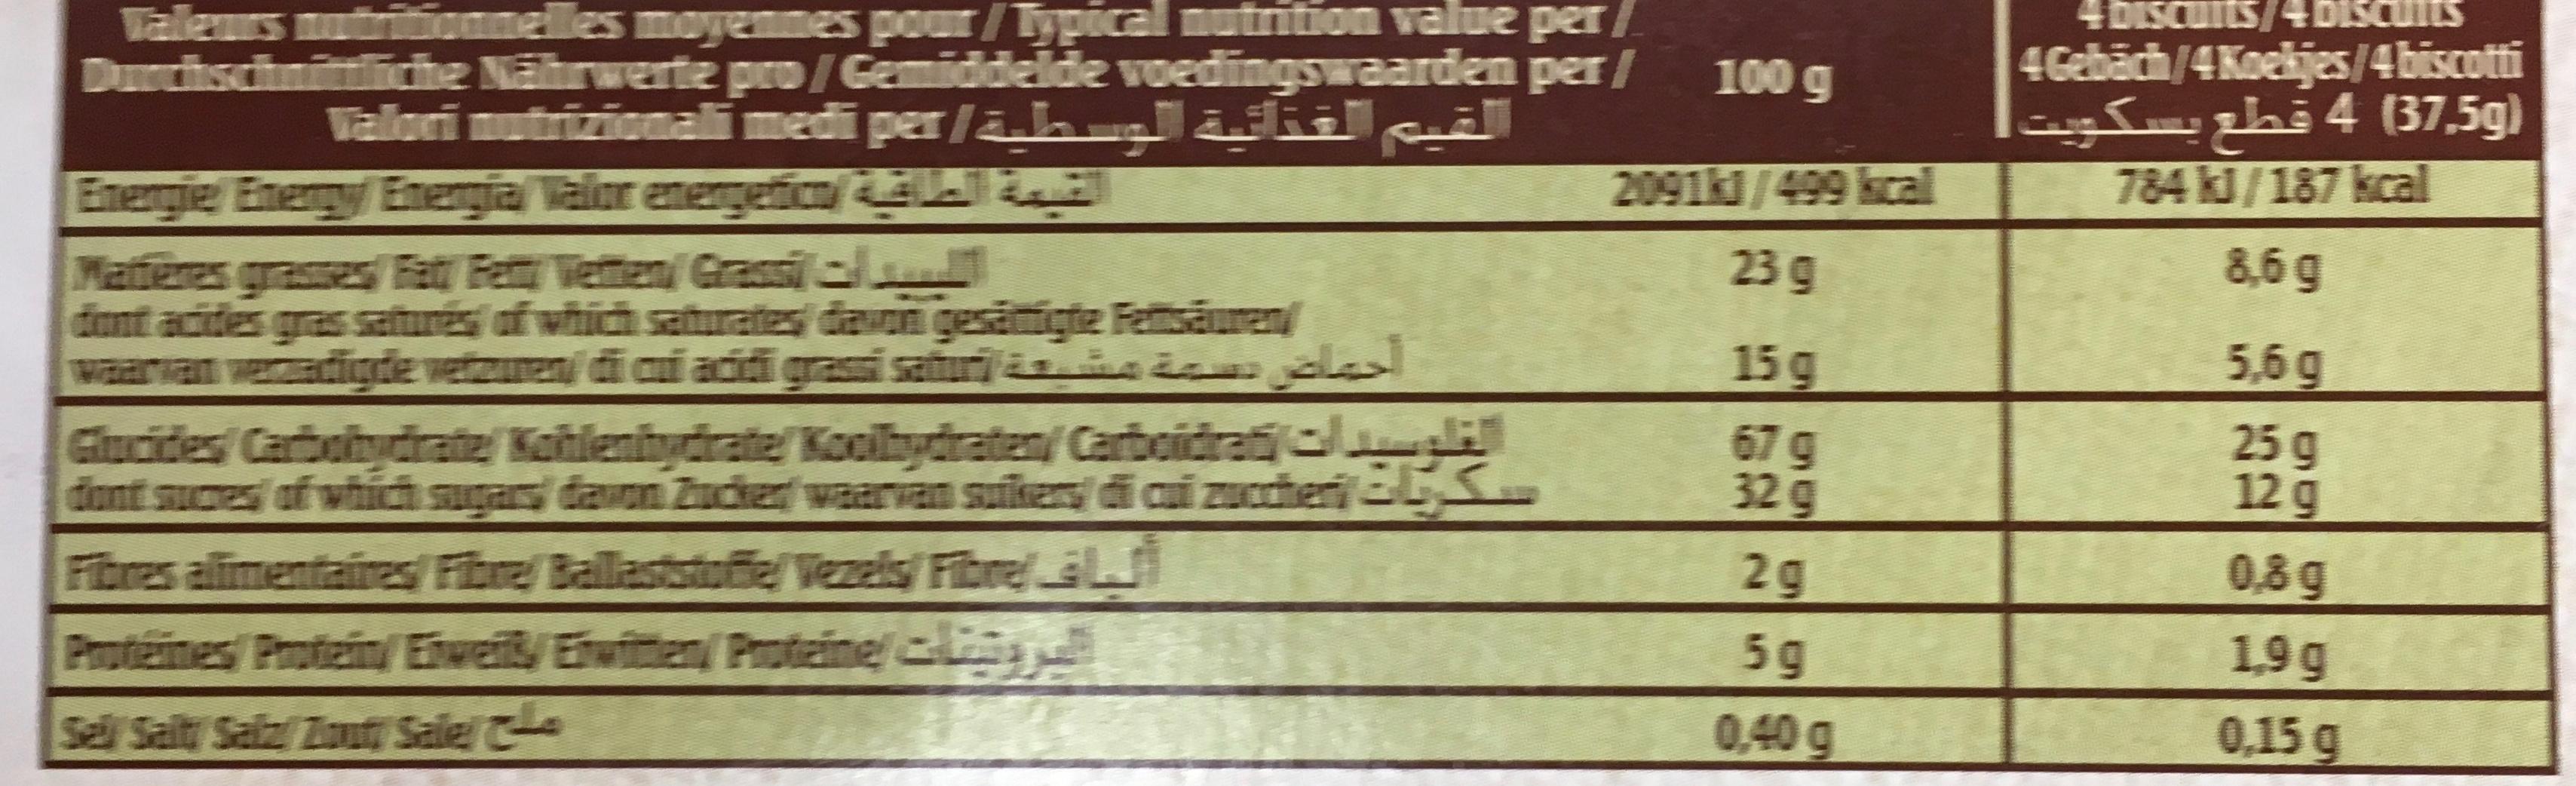 Le Trouvillais Pommes - Nutrition facts - fr